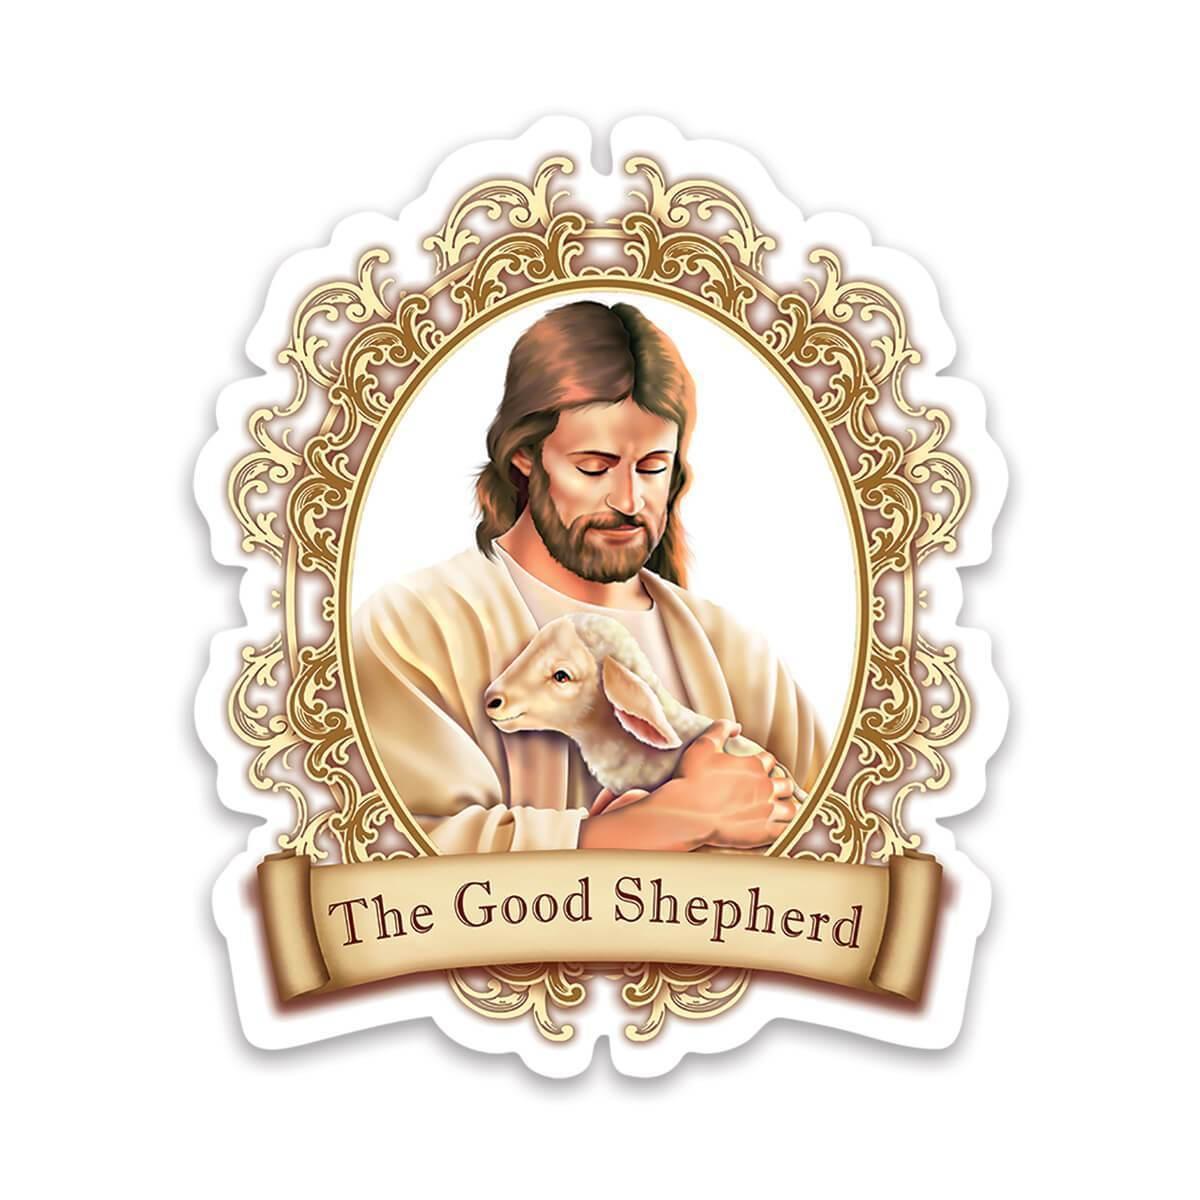 The Good Shepherd : Gift Sticker Jesus Catholic Religious Religion Classic Faith